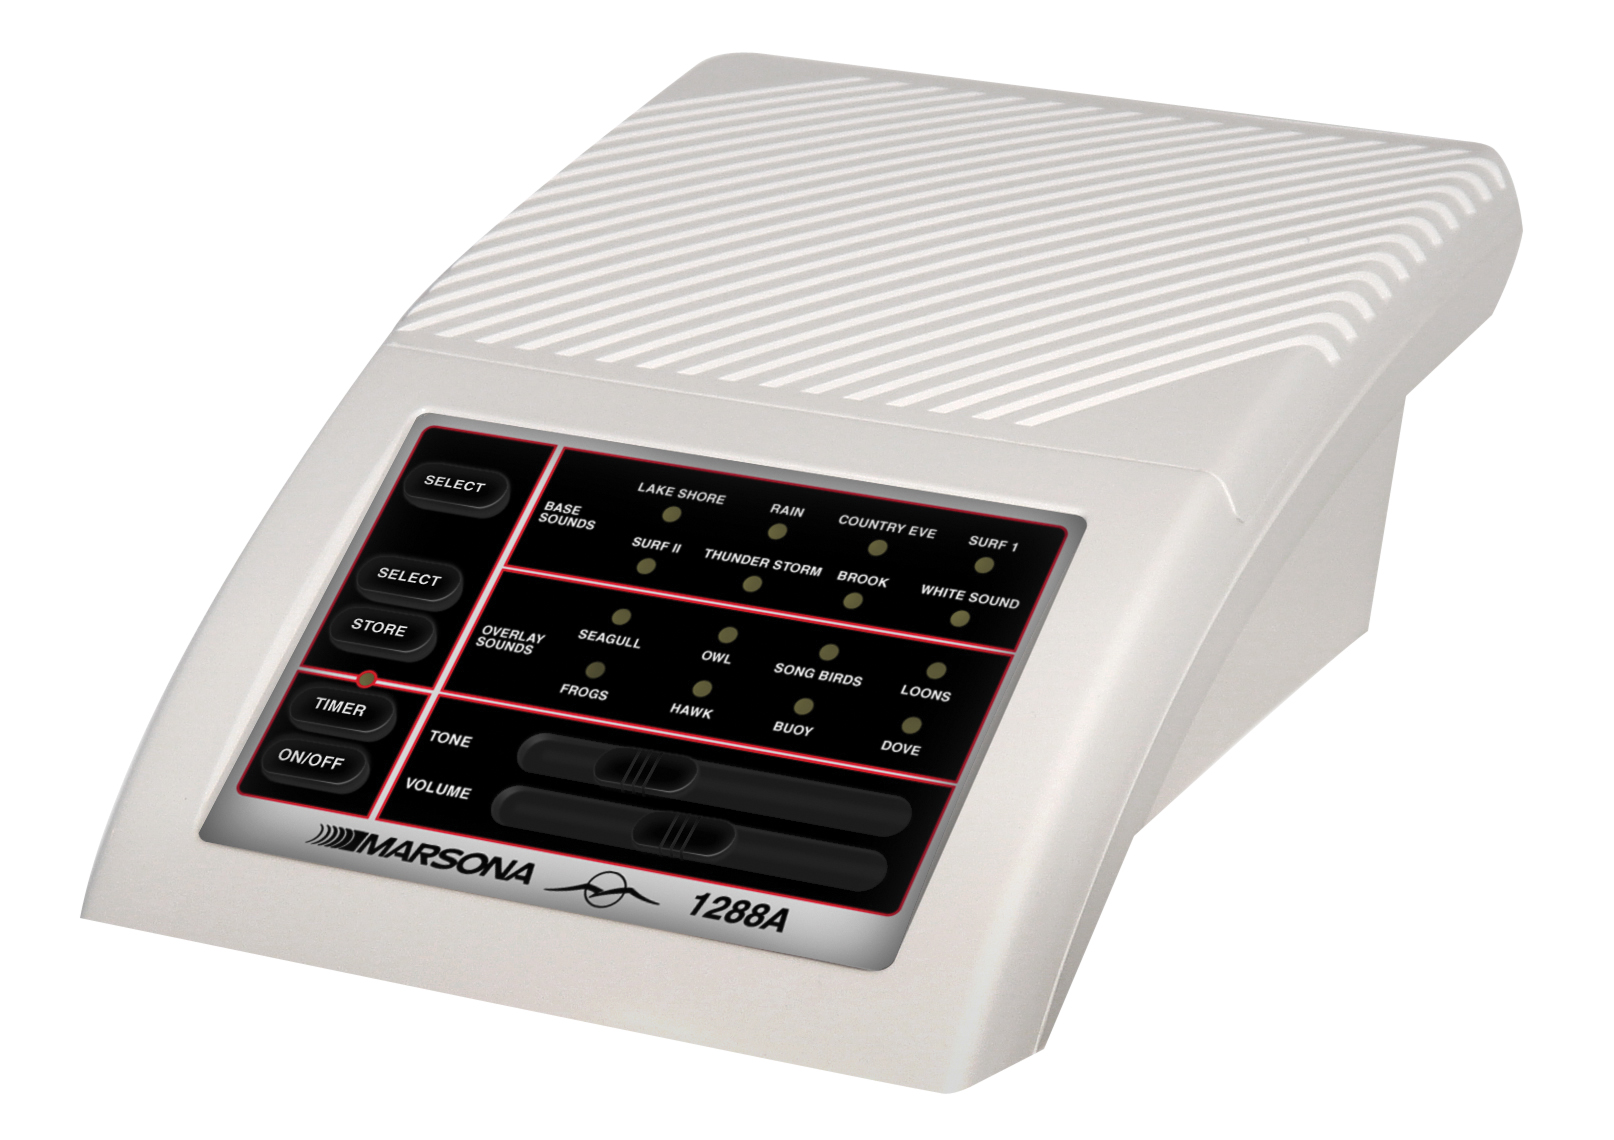 Le Marsona 1288A possède des commandes tactiles, des icônes lumineuses (LED) et un haut-parleur de haute qualité.